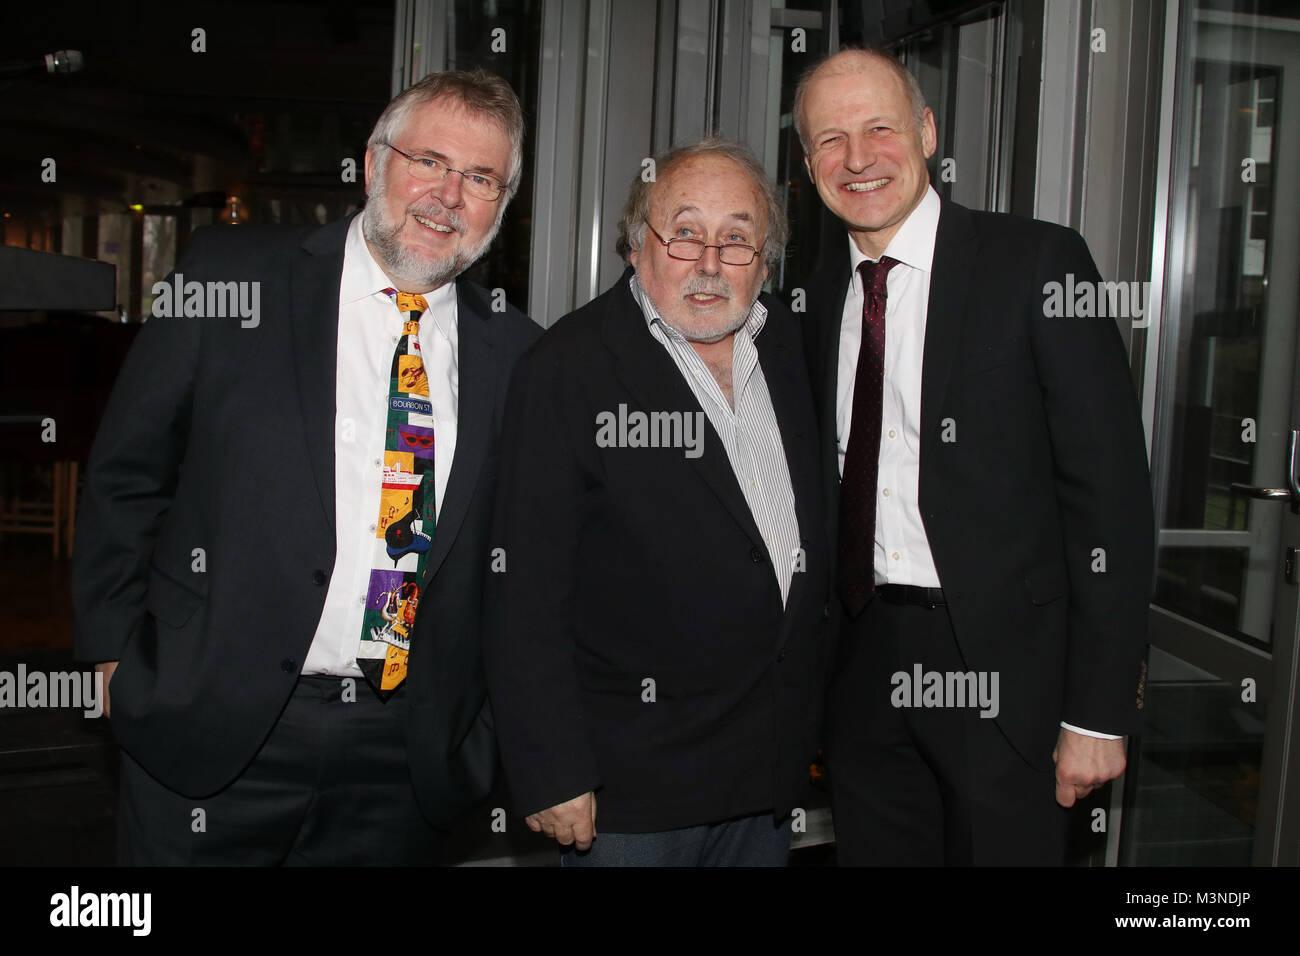 Gerd Spiekermann, Hans Scheibner, Eberhard Moebius, Neujahrsempfang, Komoedie Winterhuder Faehrhaus, 08.01.2017 - Stock Image